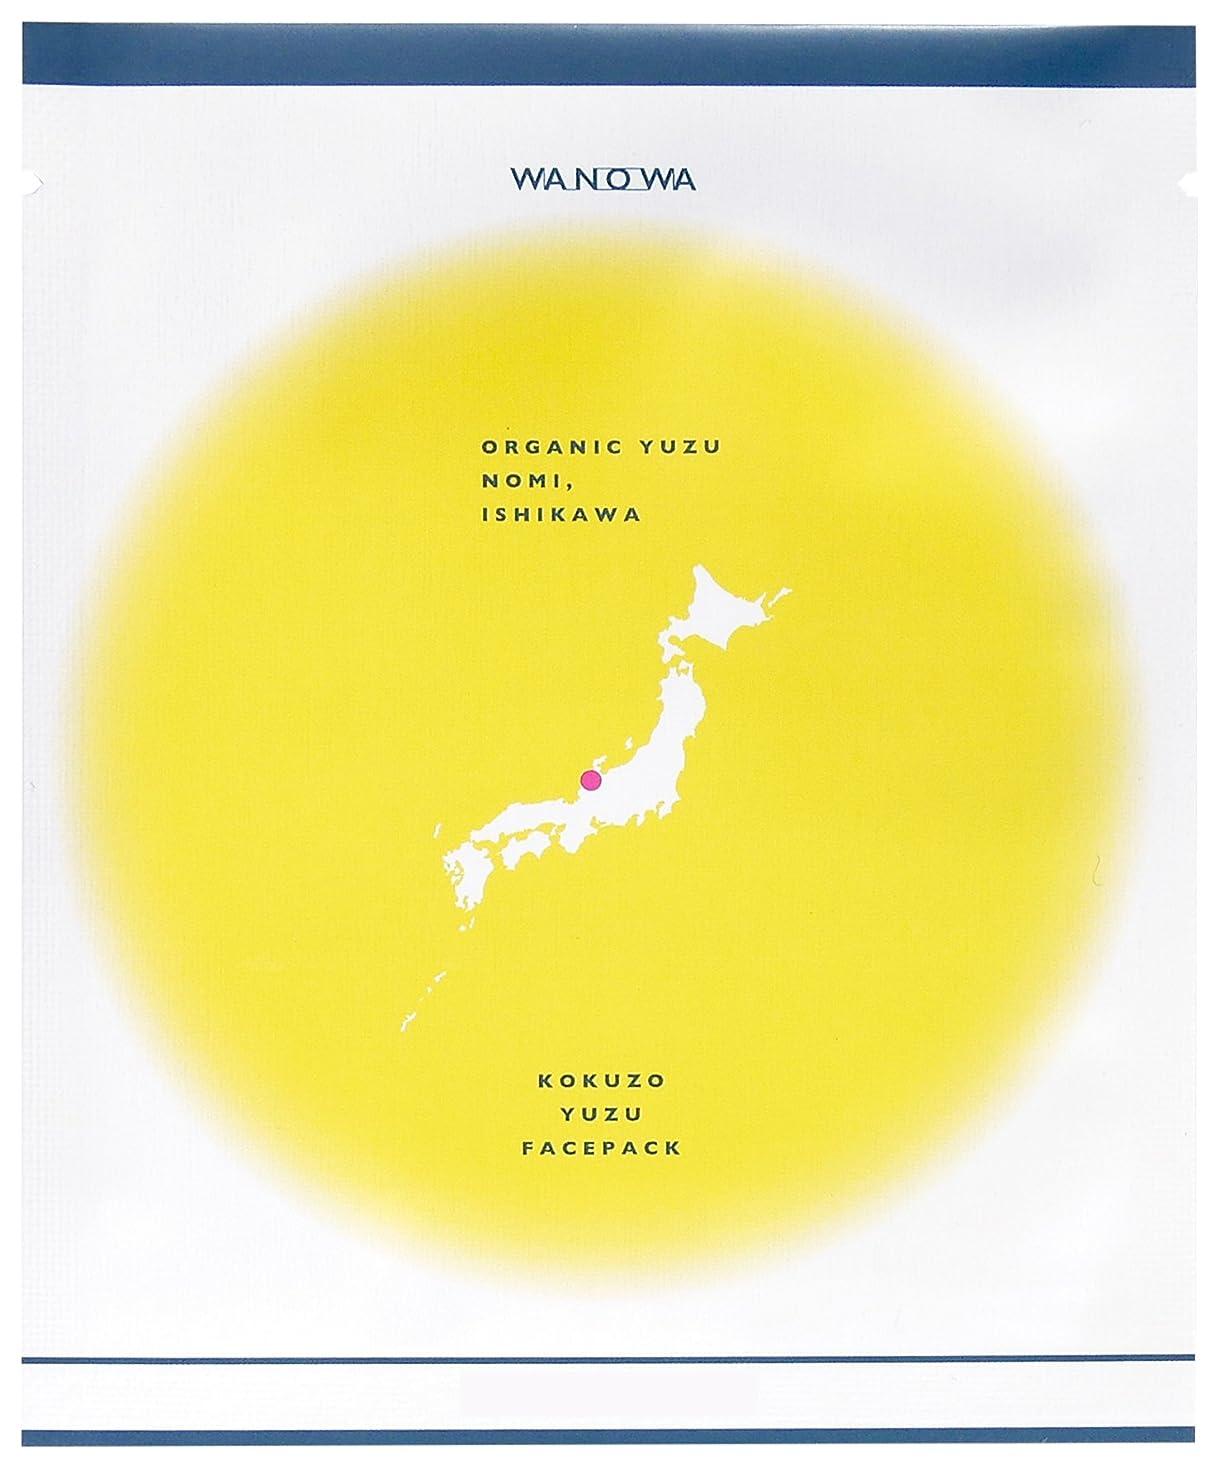 金曜日縁小さなWANOWA オーガニック 国造ゆず フェイスパック Organic KOKUZO YUZU Face Pack ワノワ 和の環